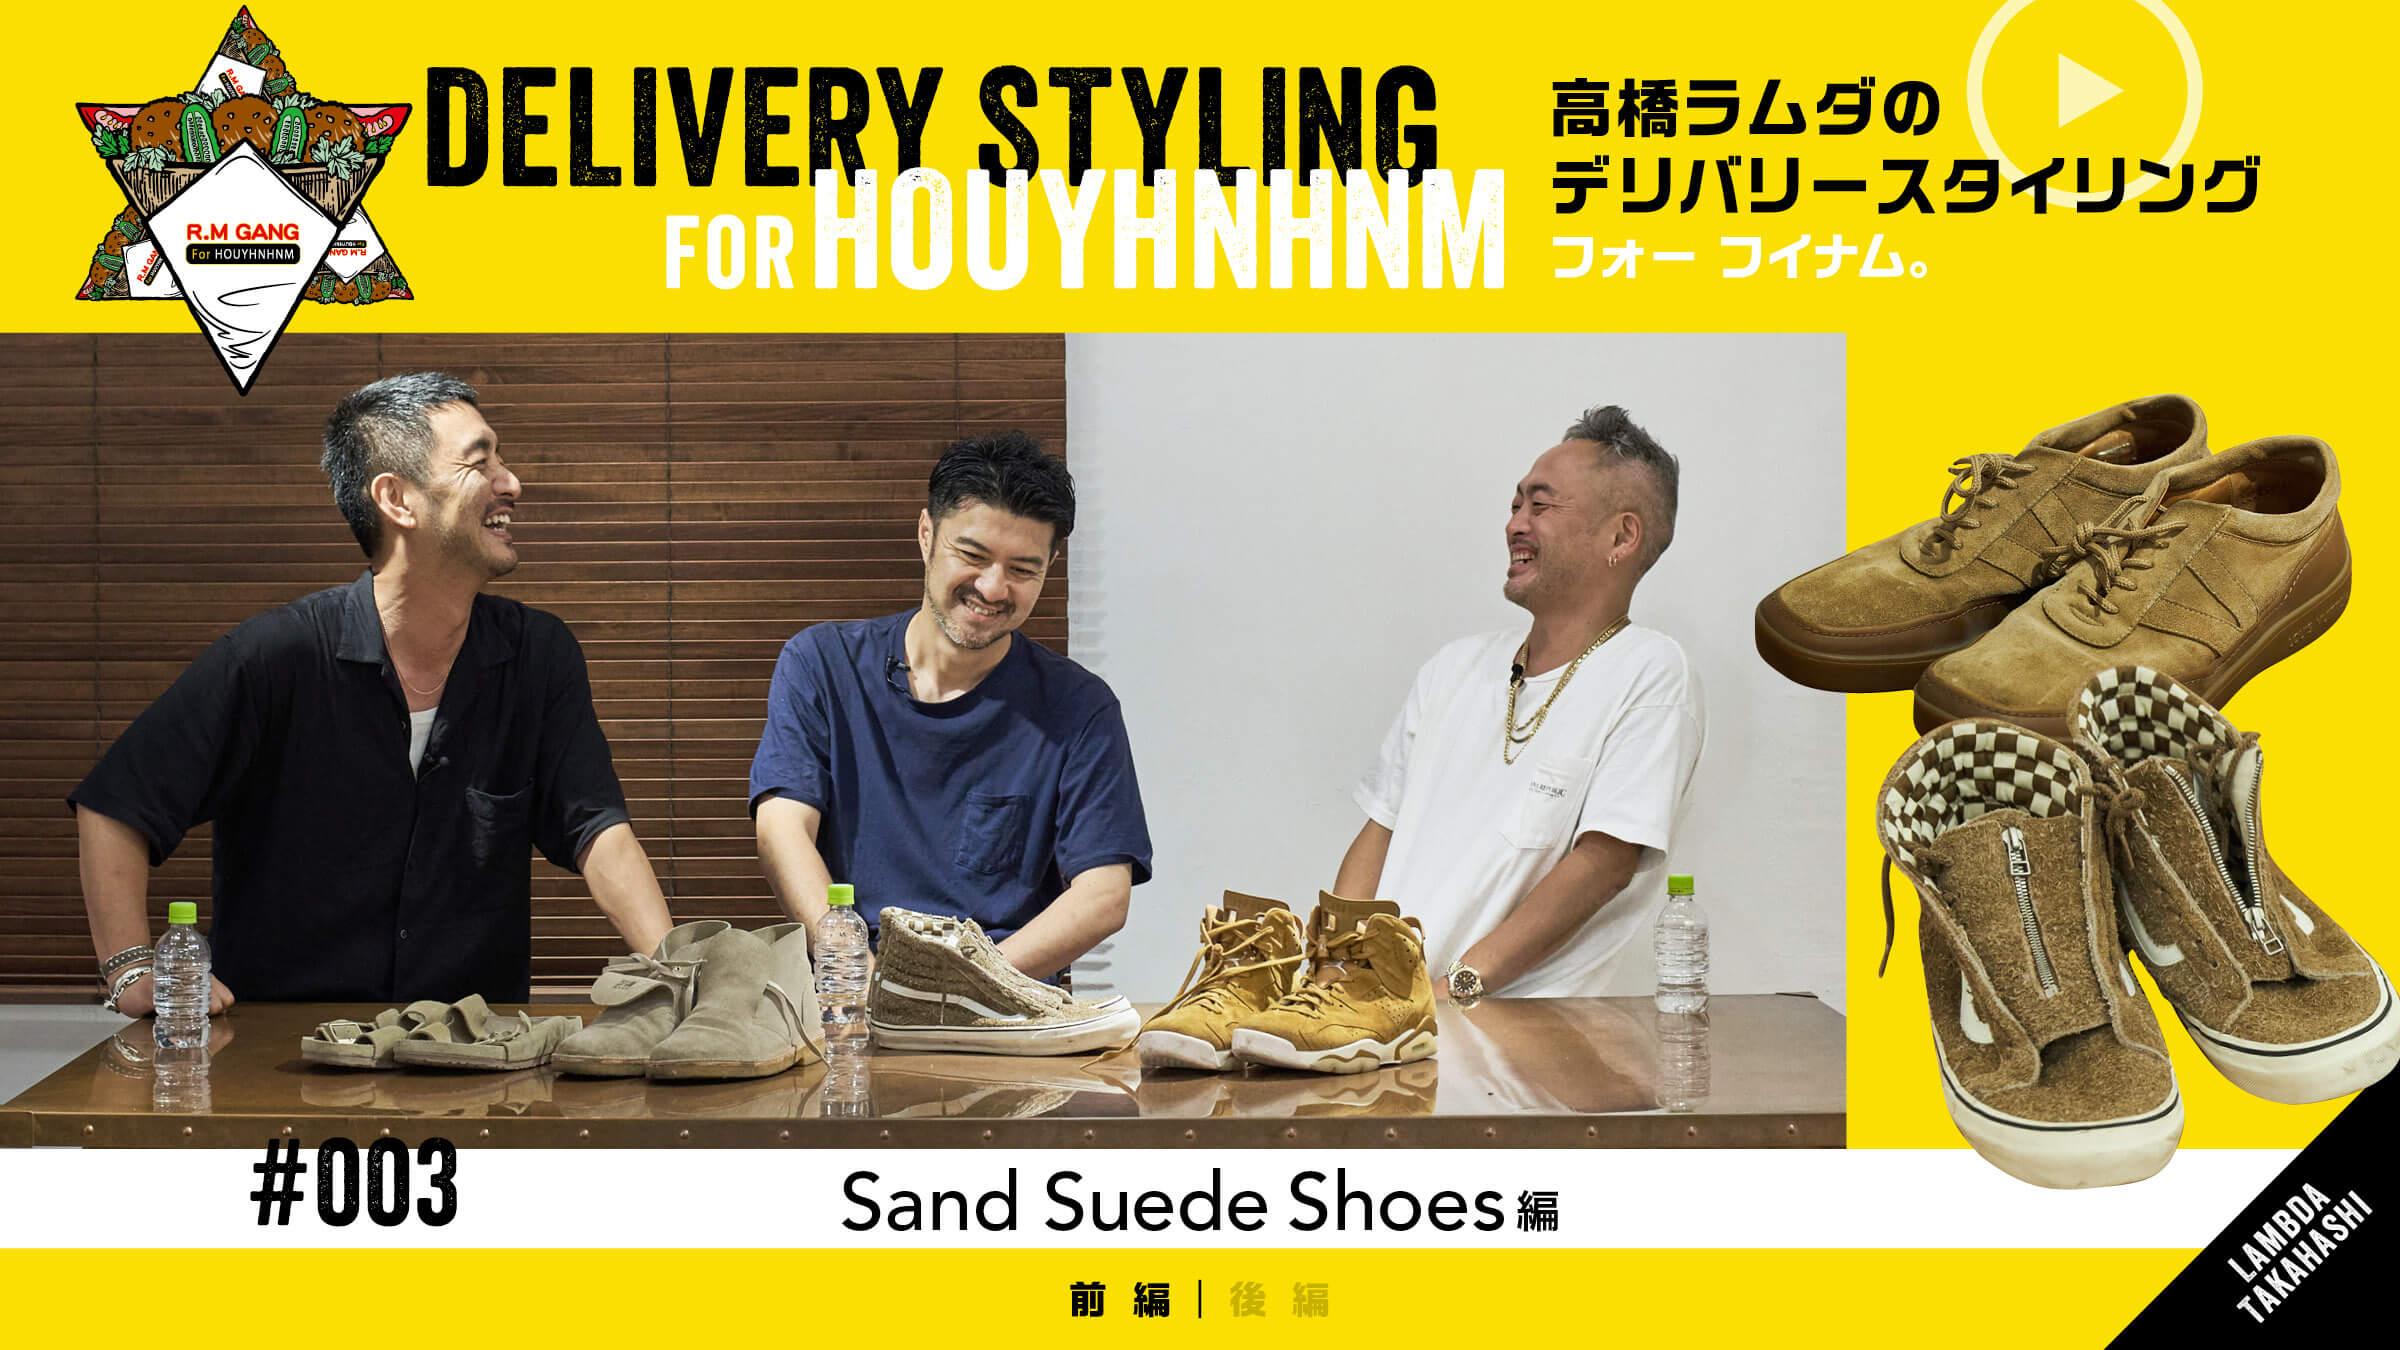 高橋ラムダのデリバリースタイリング フォー フイナム。 Vol.3 Sand Suede Shoes編 前編